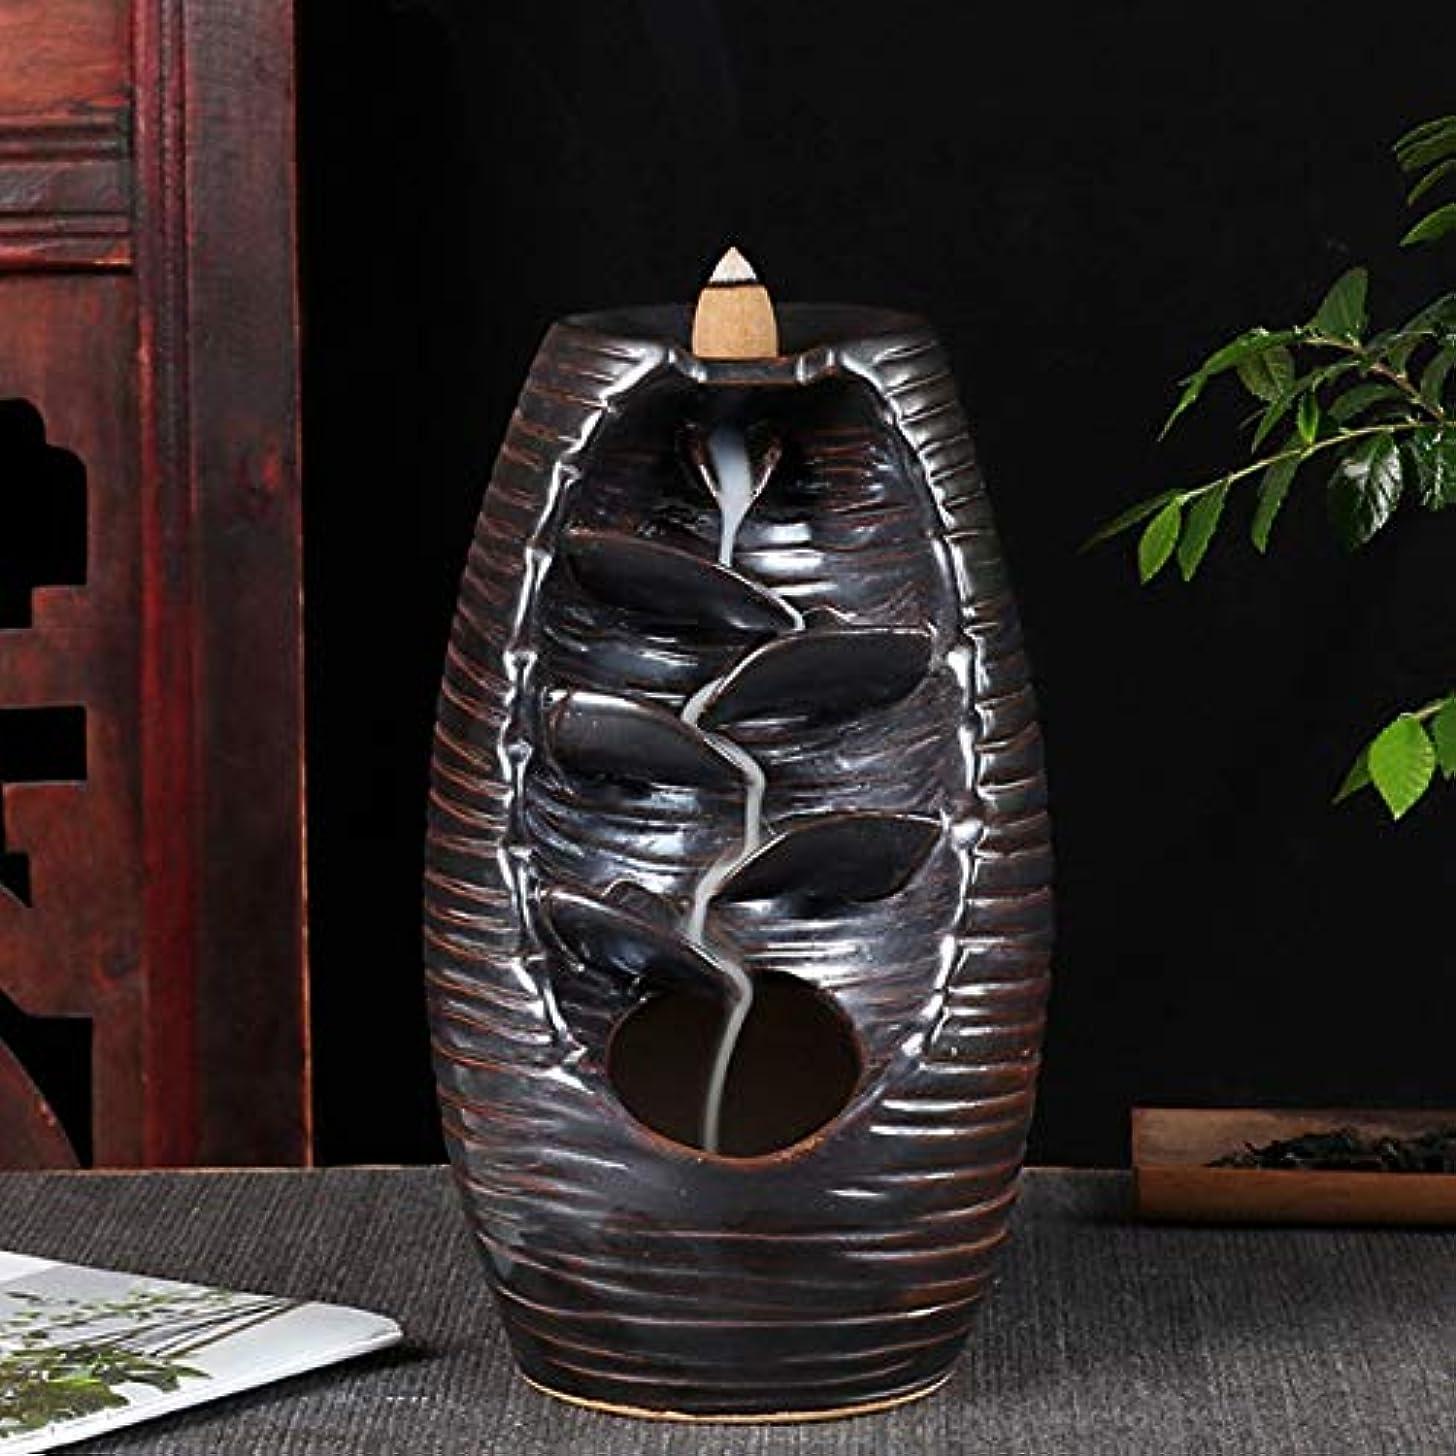 汚染に負ける小道Vosarea 逆流香バーナー滝香ホルダーアロマ飾り仏教用品(黒)